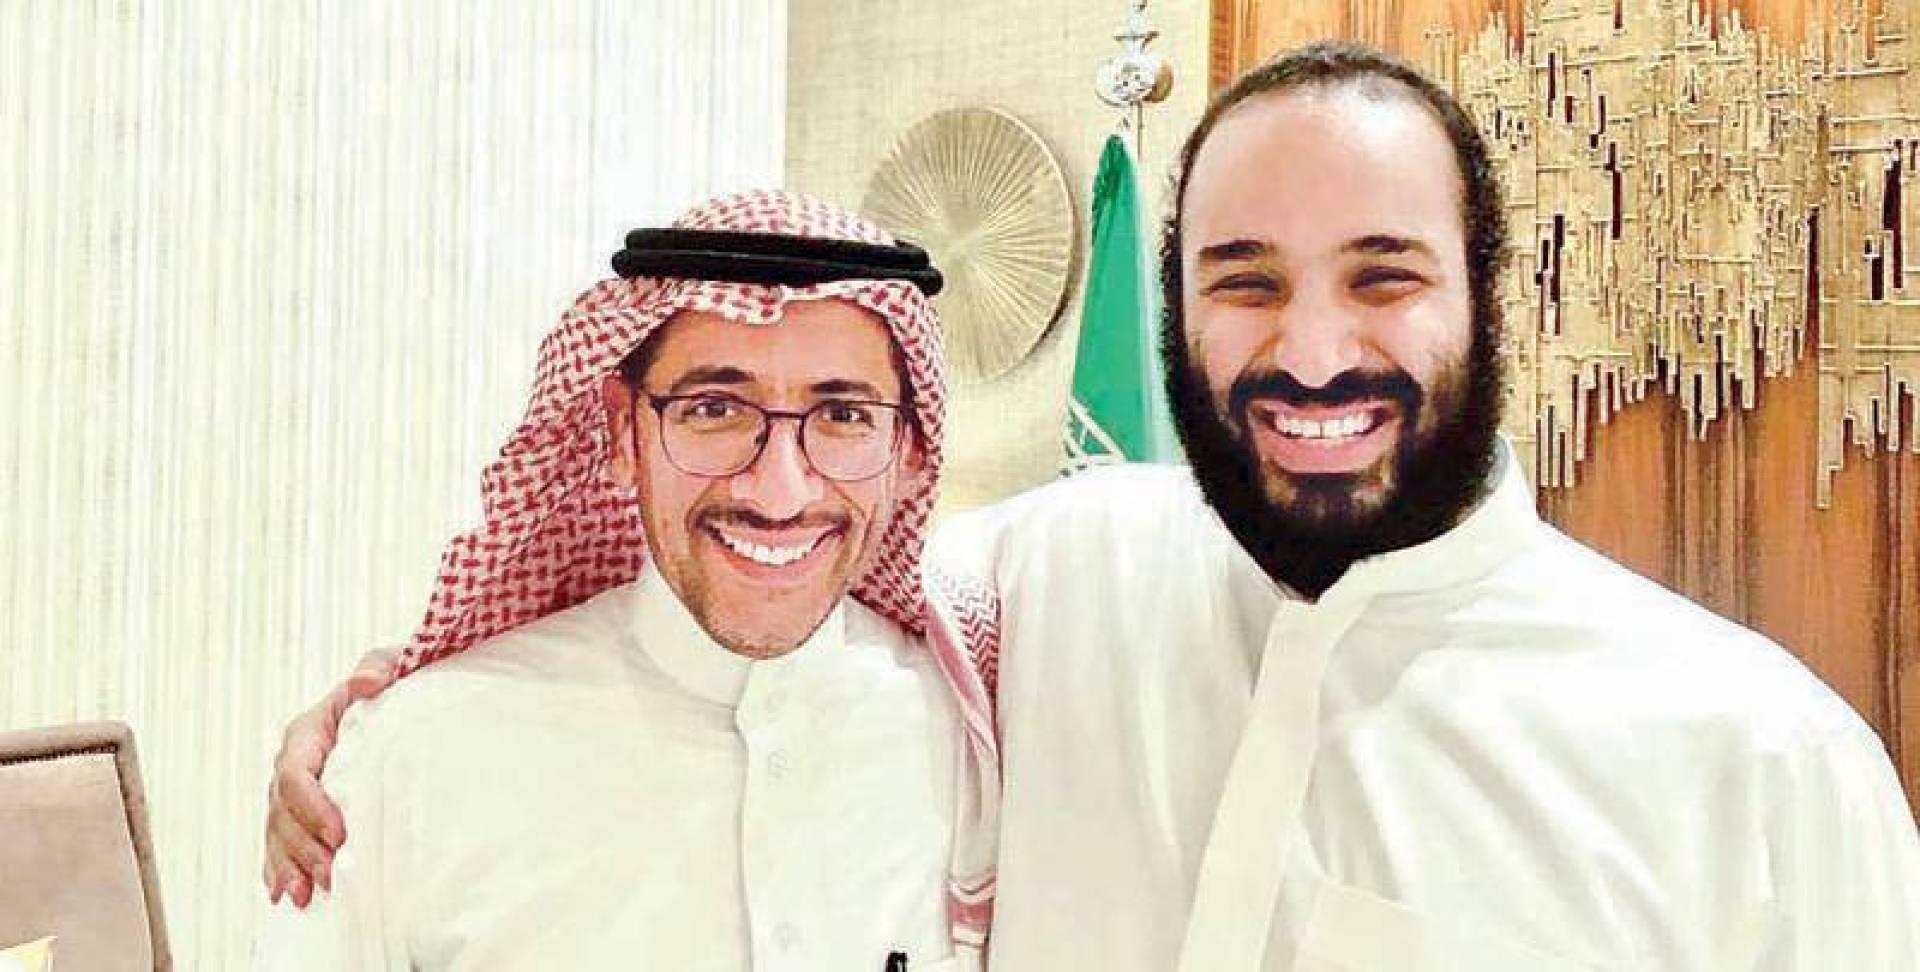 ابن سلمان مع بندر الخريف وزير «الصناعة والثروة المعدنية» | عكاظ